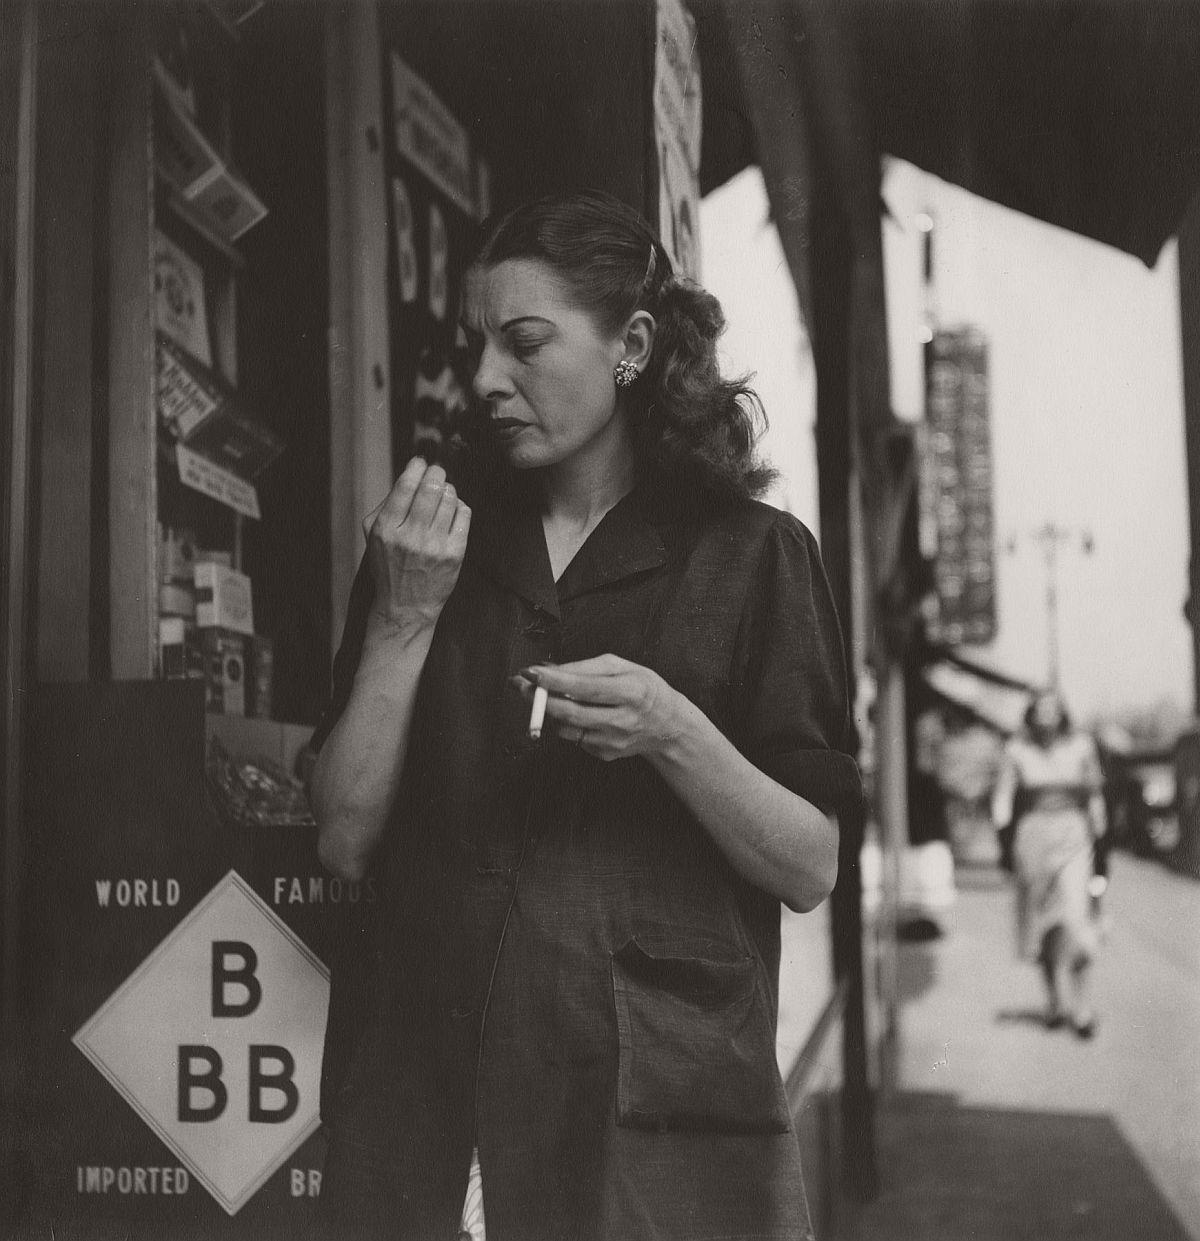 Woman Looking at Nails, 1948